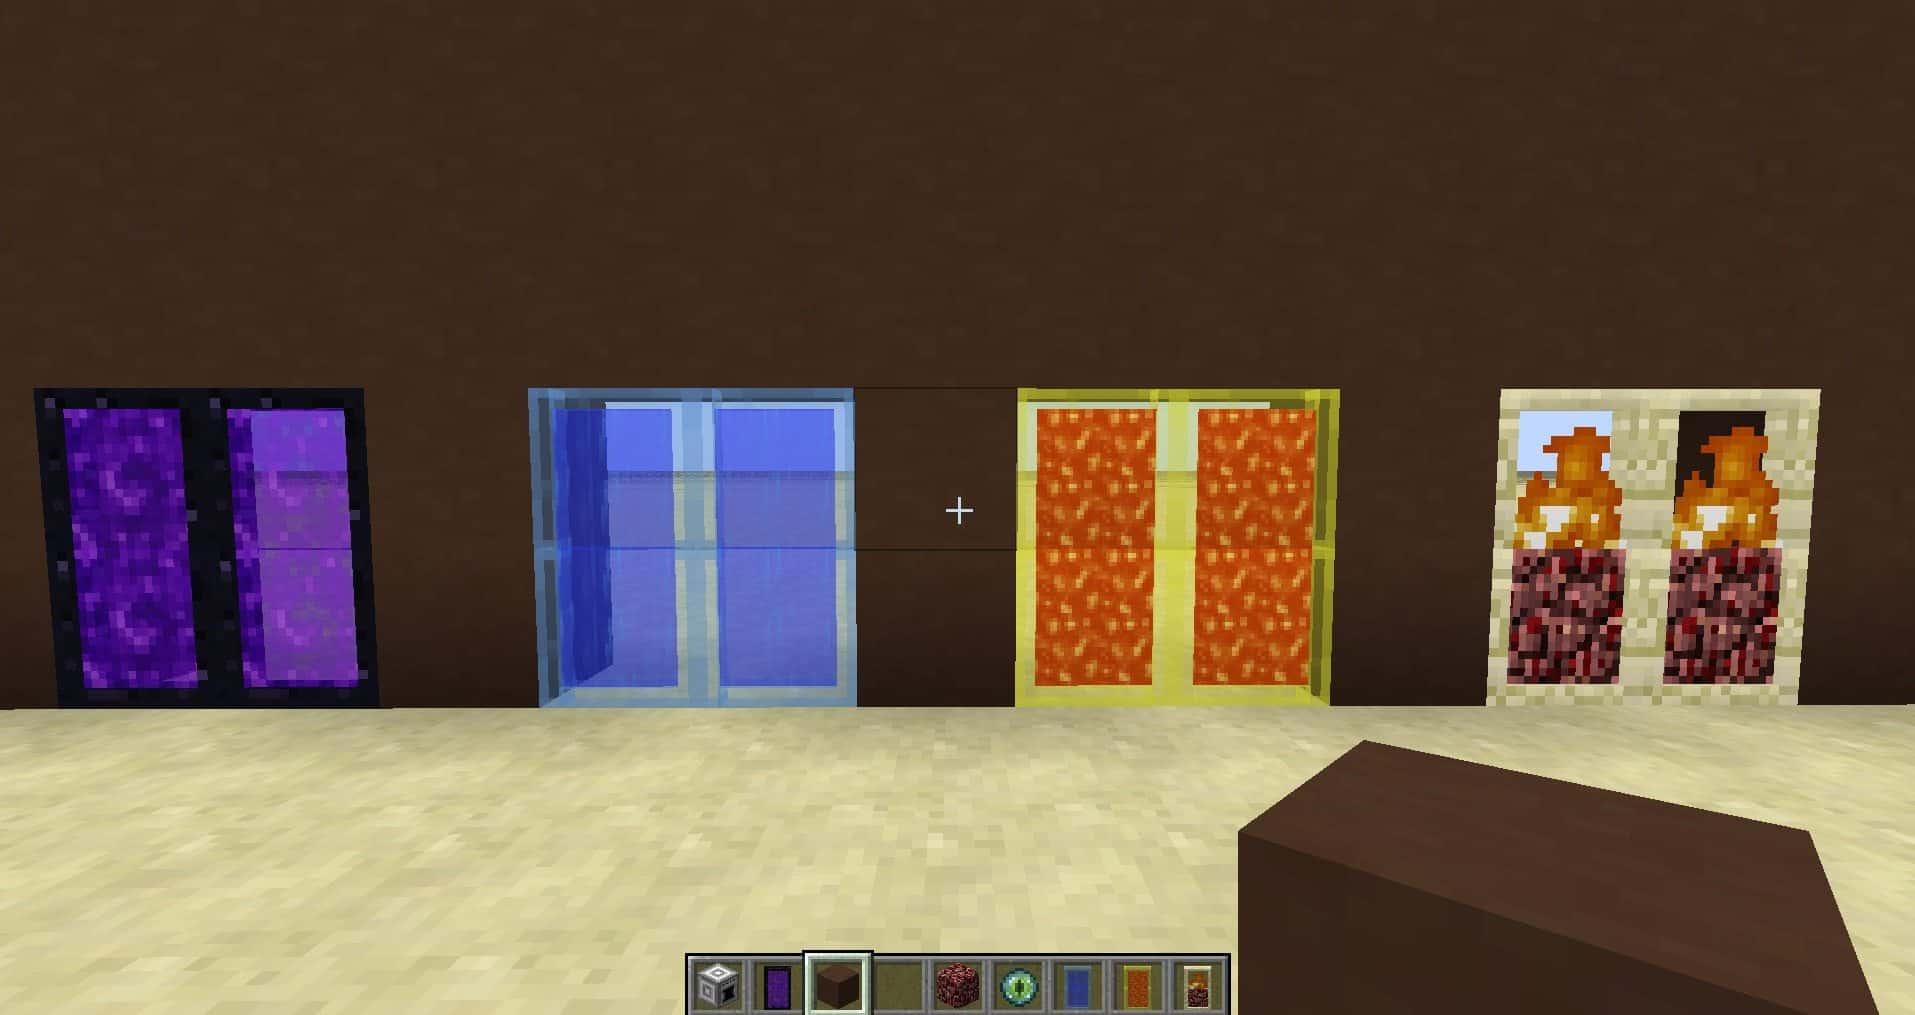 Portes personnalisées avec effet spéciaux.